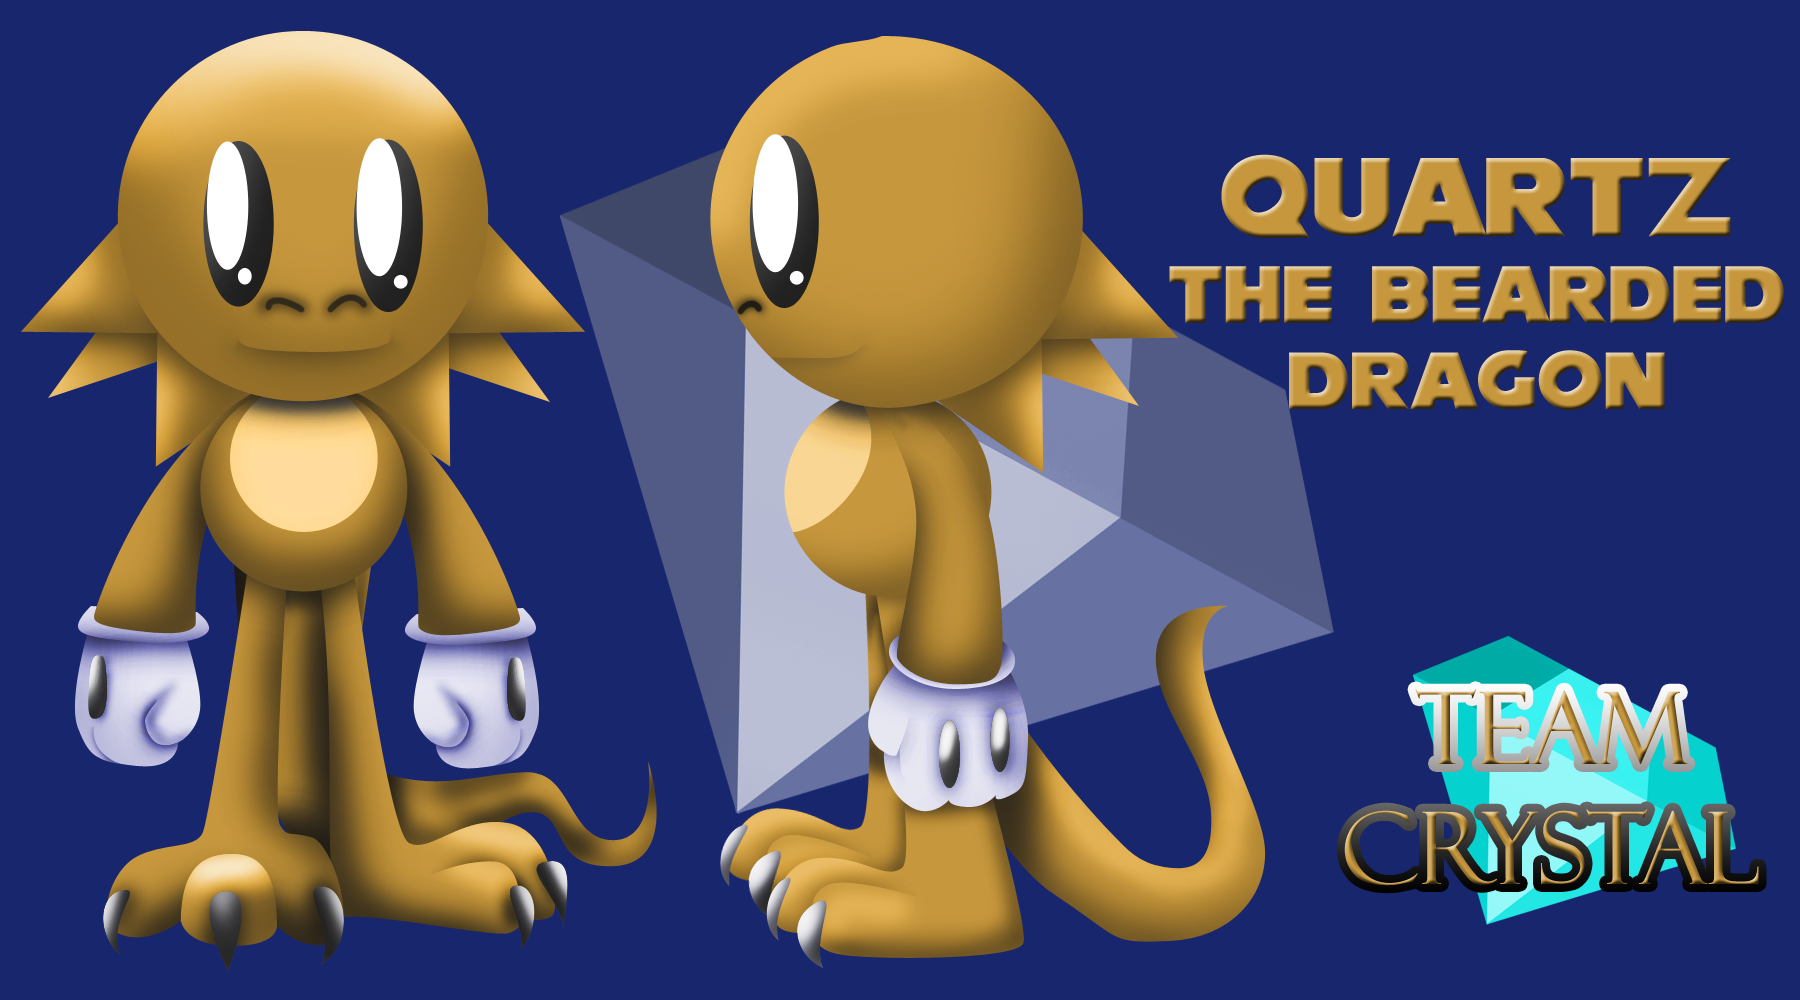 Quartz concept art